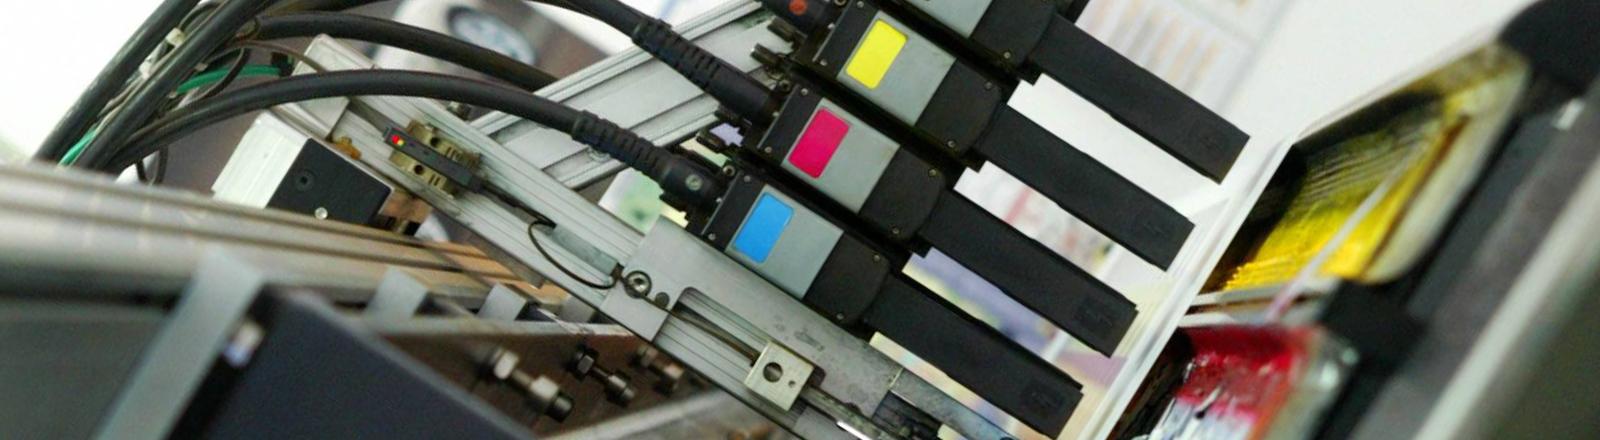 Farbpatronen eines Druckers.